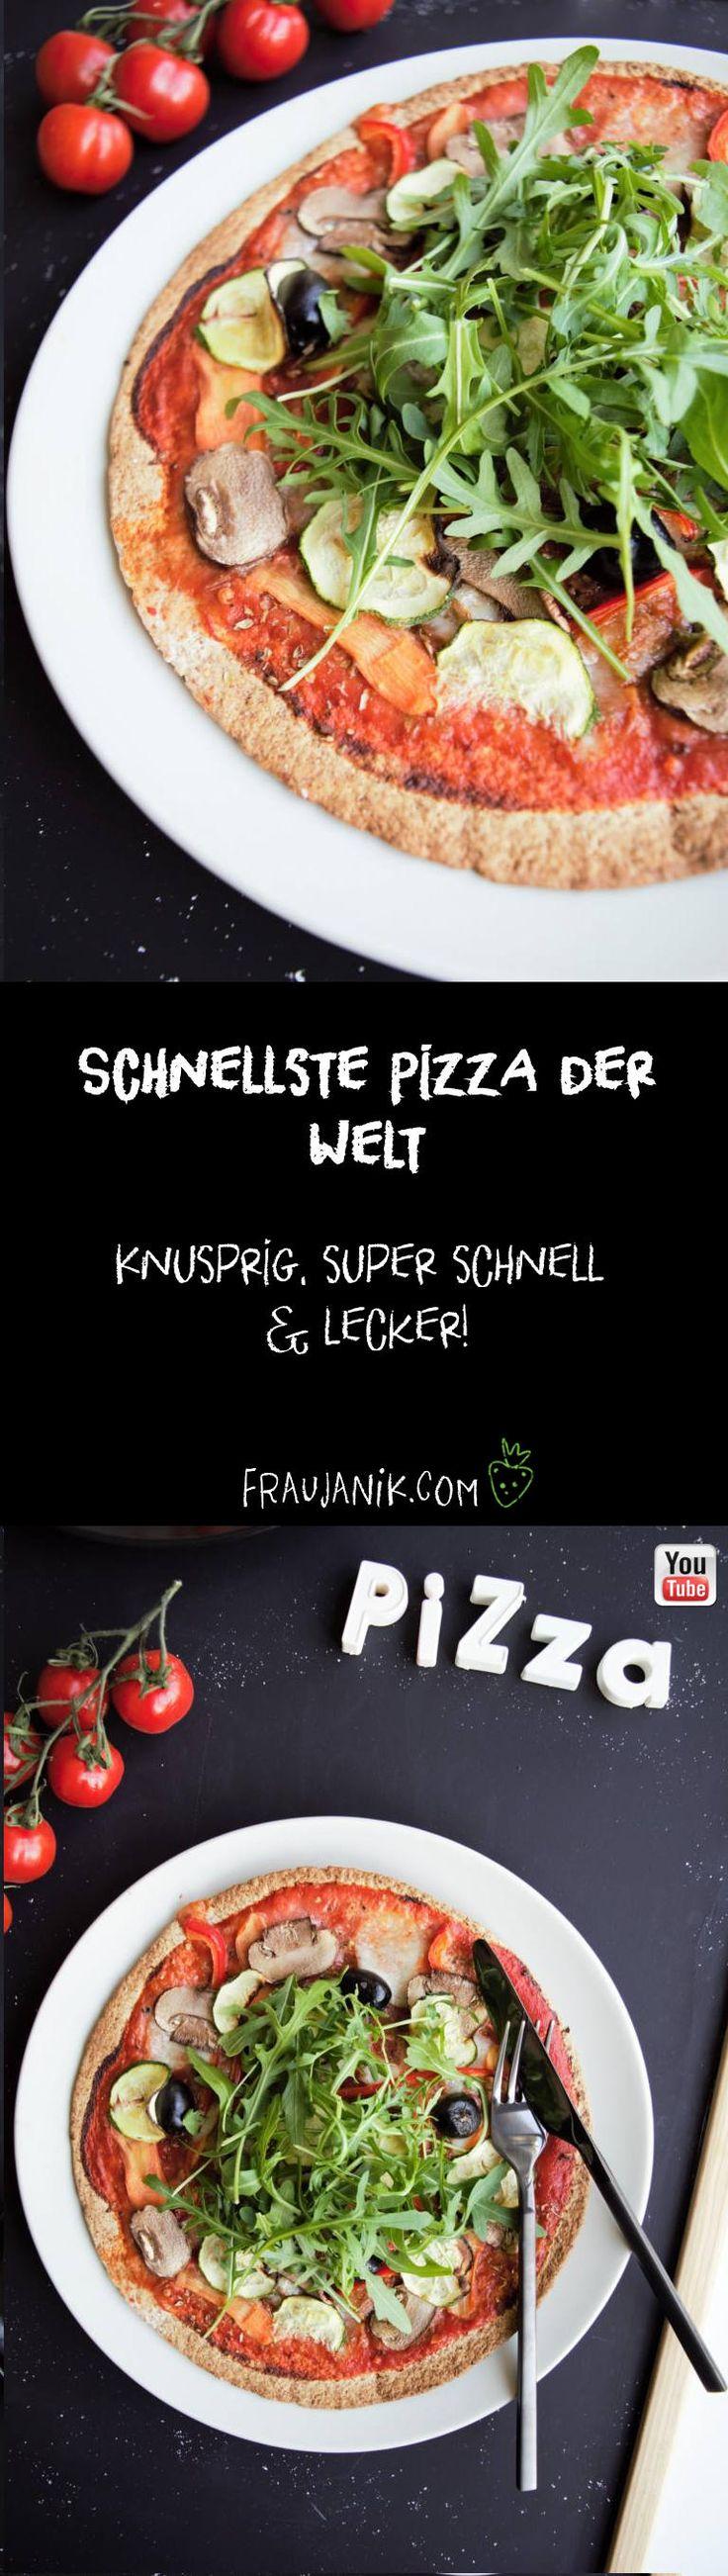 Schnellste Pizza der Welt! - knusprig, super schnell & super lecker... Gesunde Pizza  #pizza #gesund #gesundkochen #gesundepizza #gesundbacken #gesunderezepte #tortilla #tortillapizza